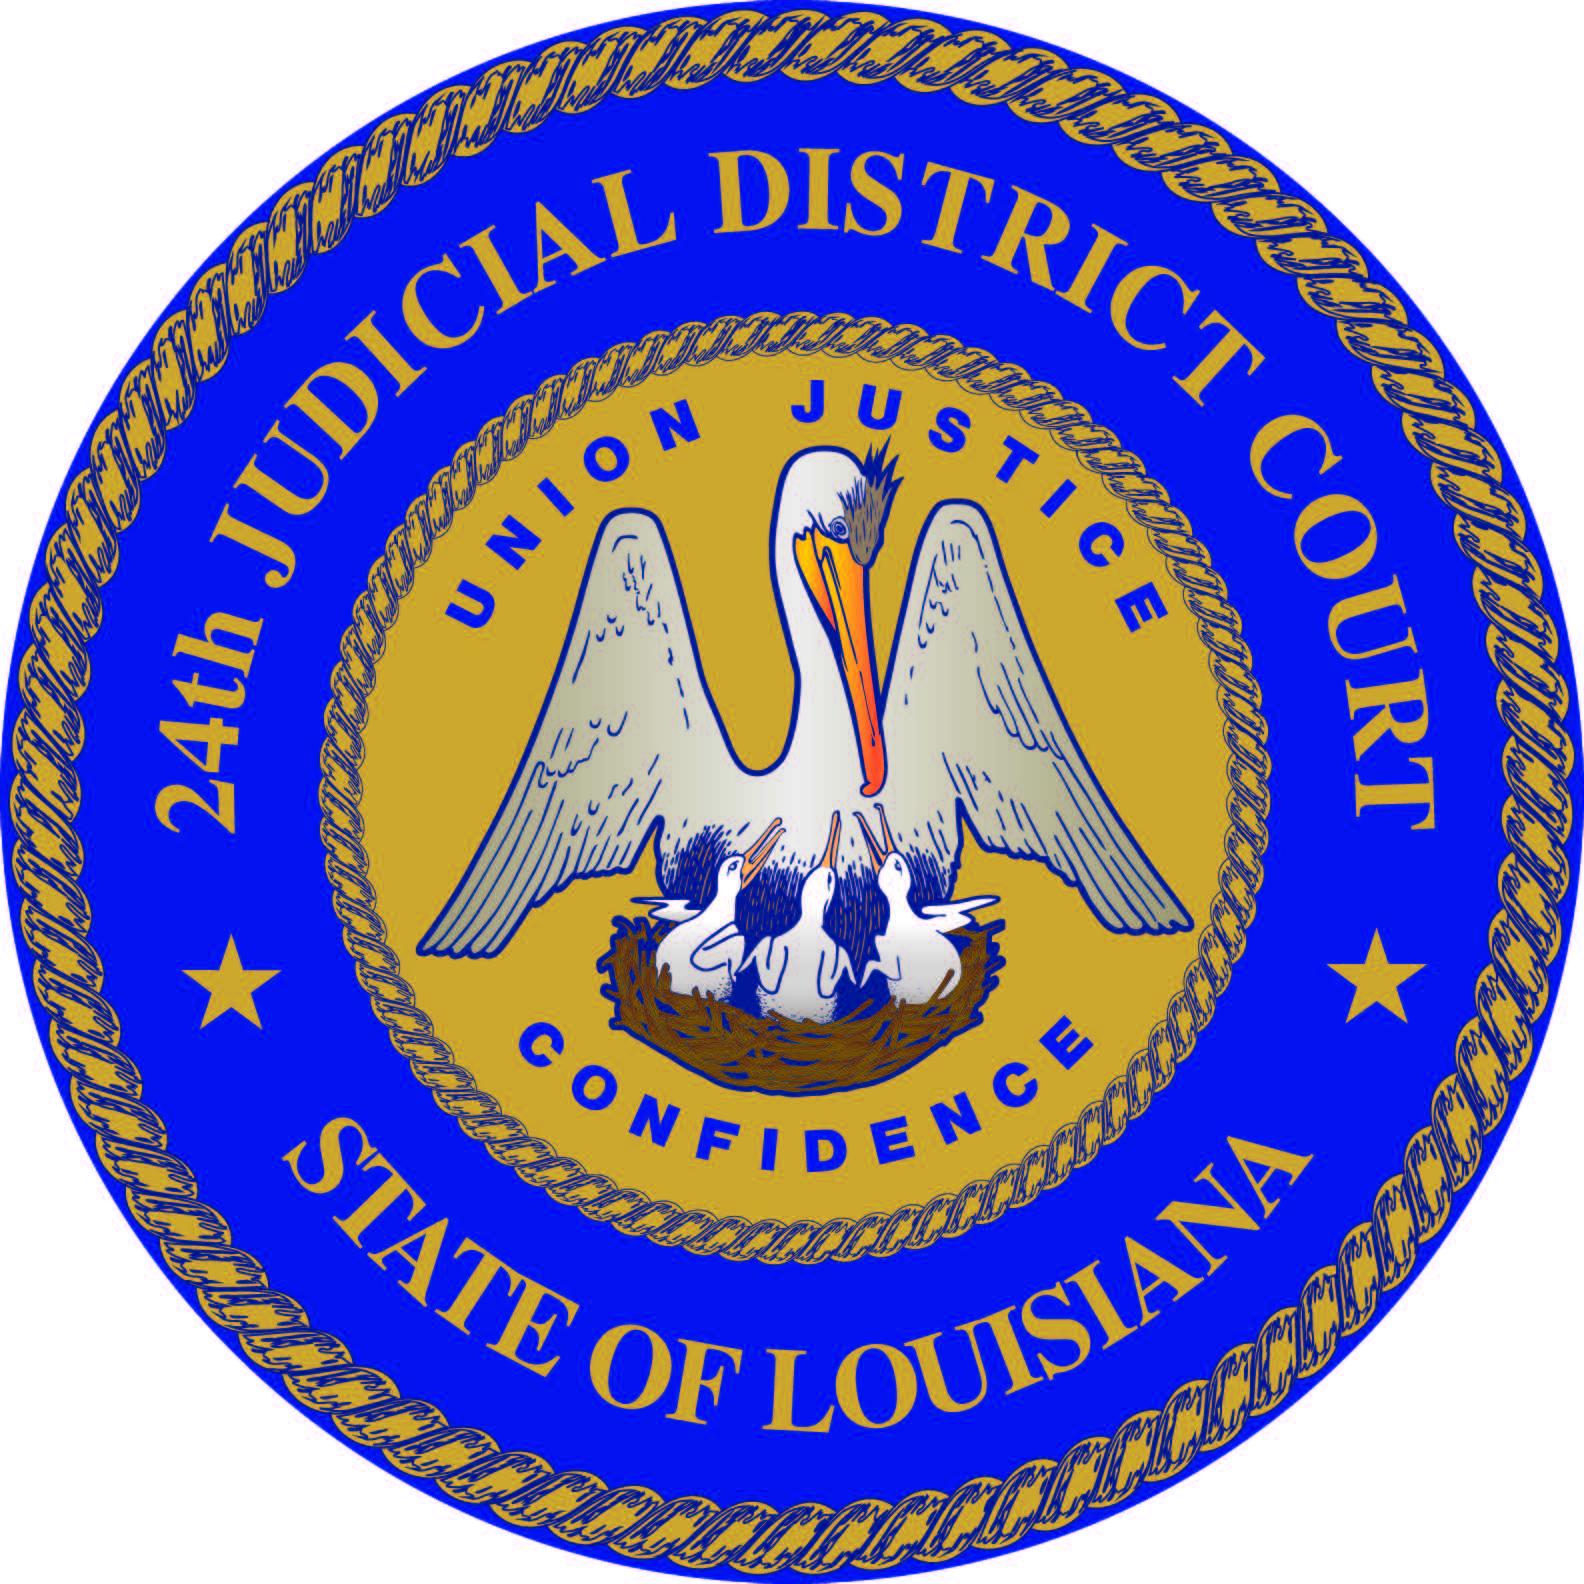 Hon. Scott U. Schlegel Smart Supervision Judge 504-364-3876